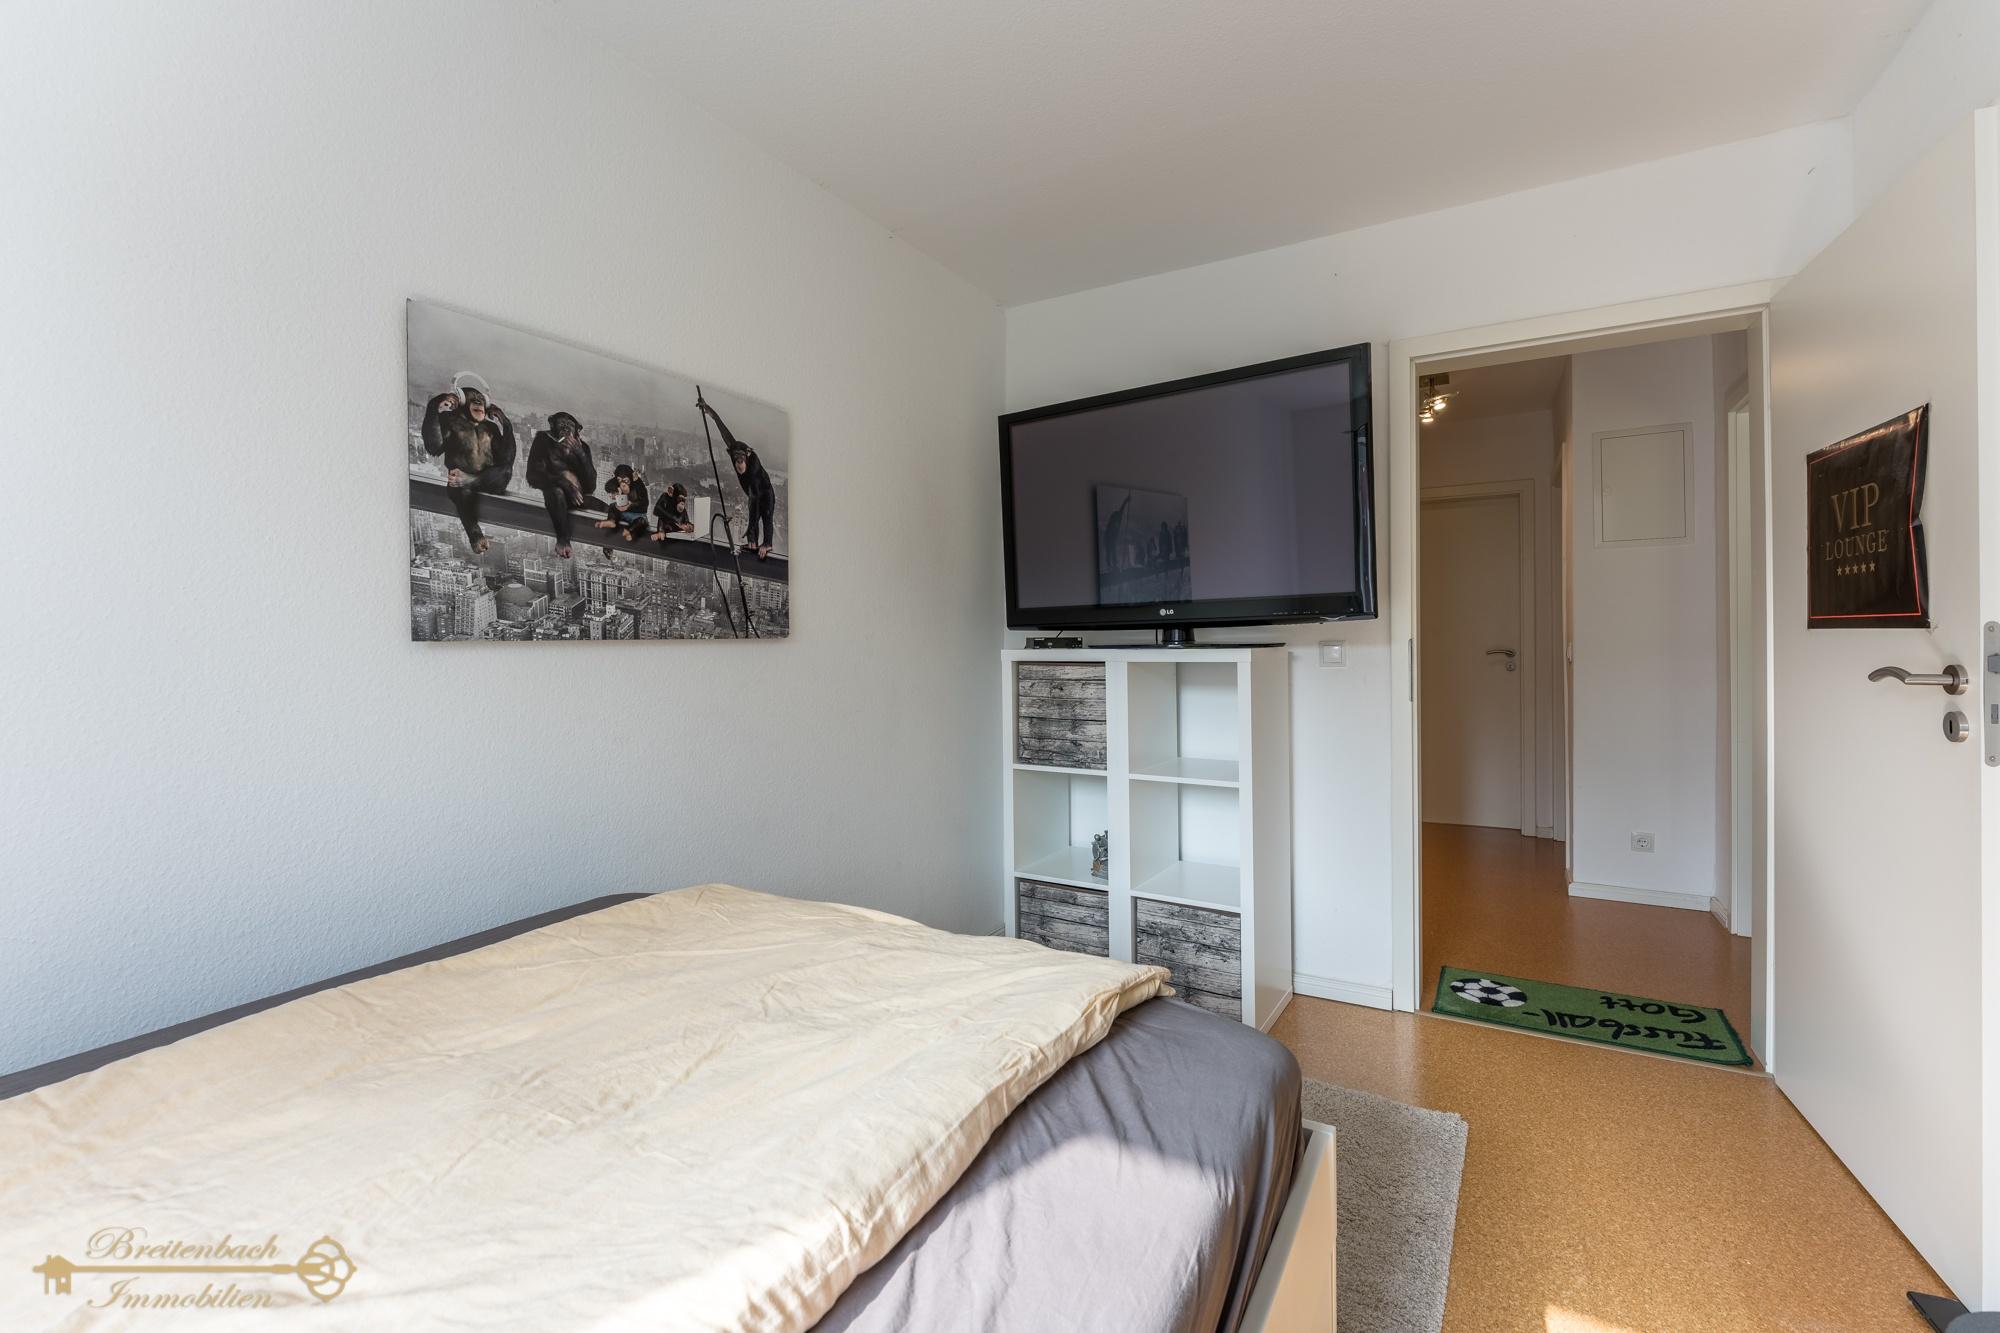 2021-03-25-Breitenbach-Immobilien-Makler-Bremen-12